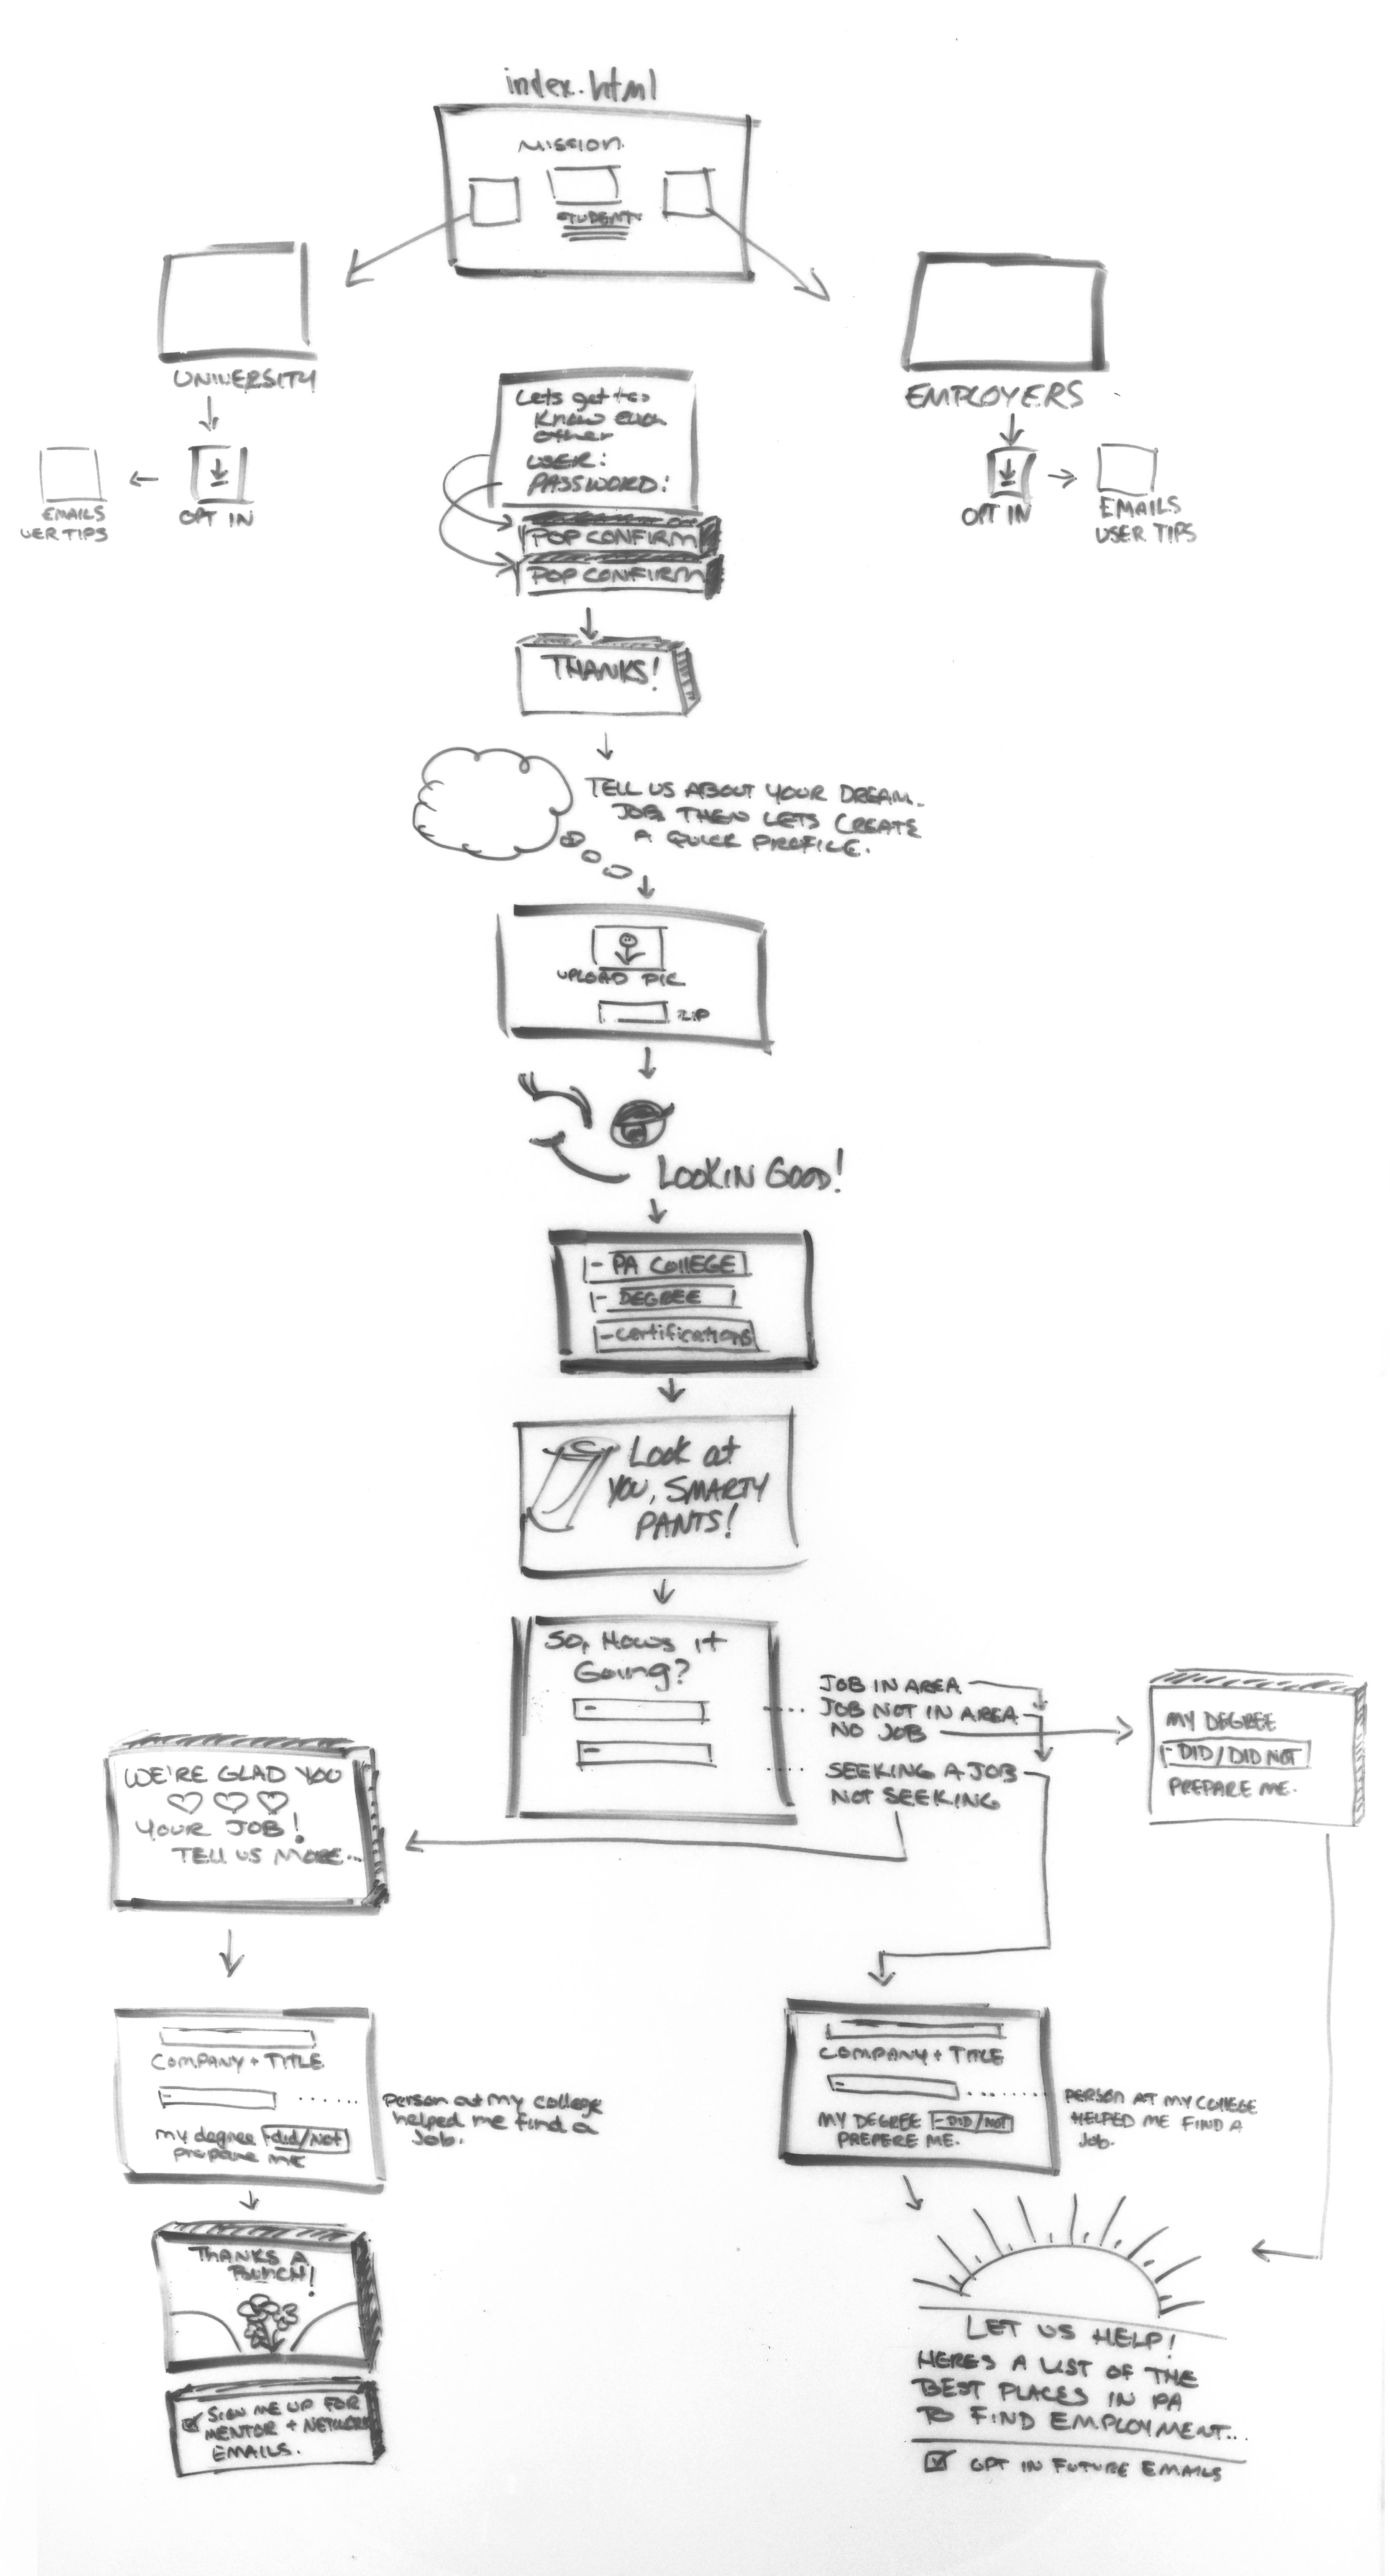 Full App Wireframe